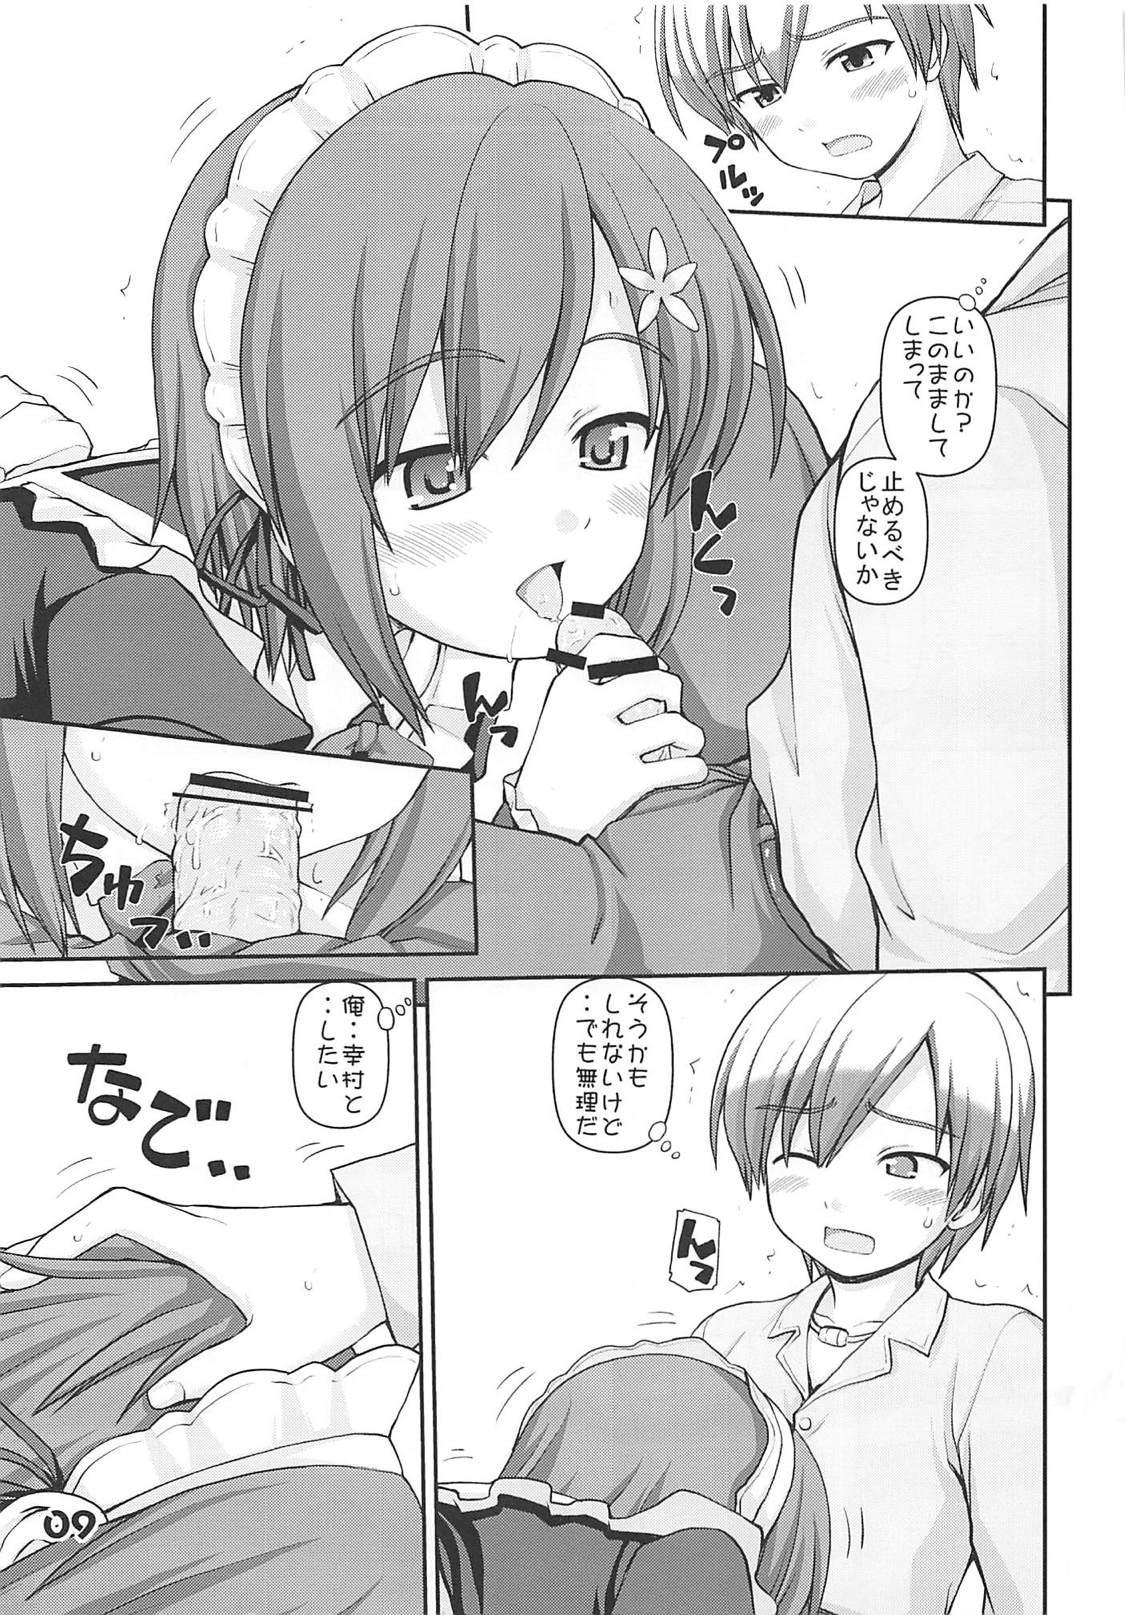 Aniki no Shatei 7